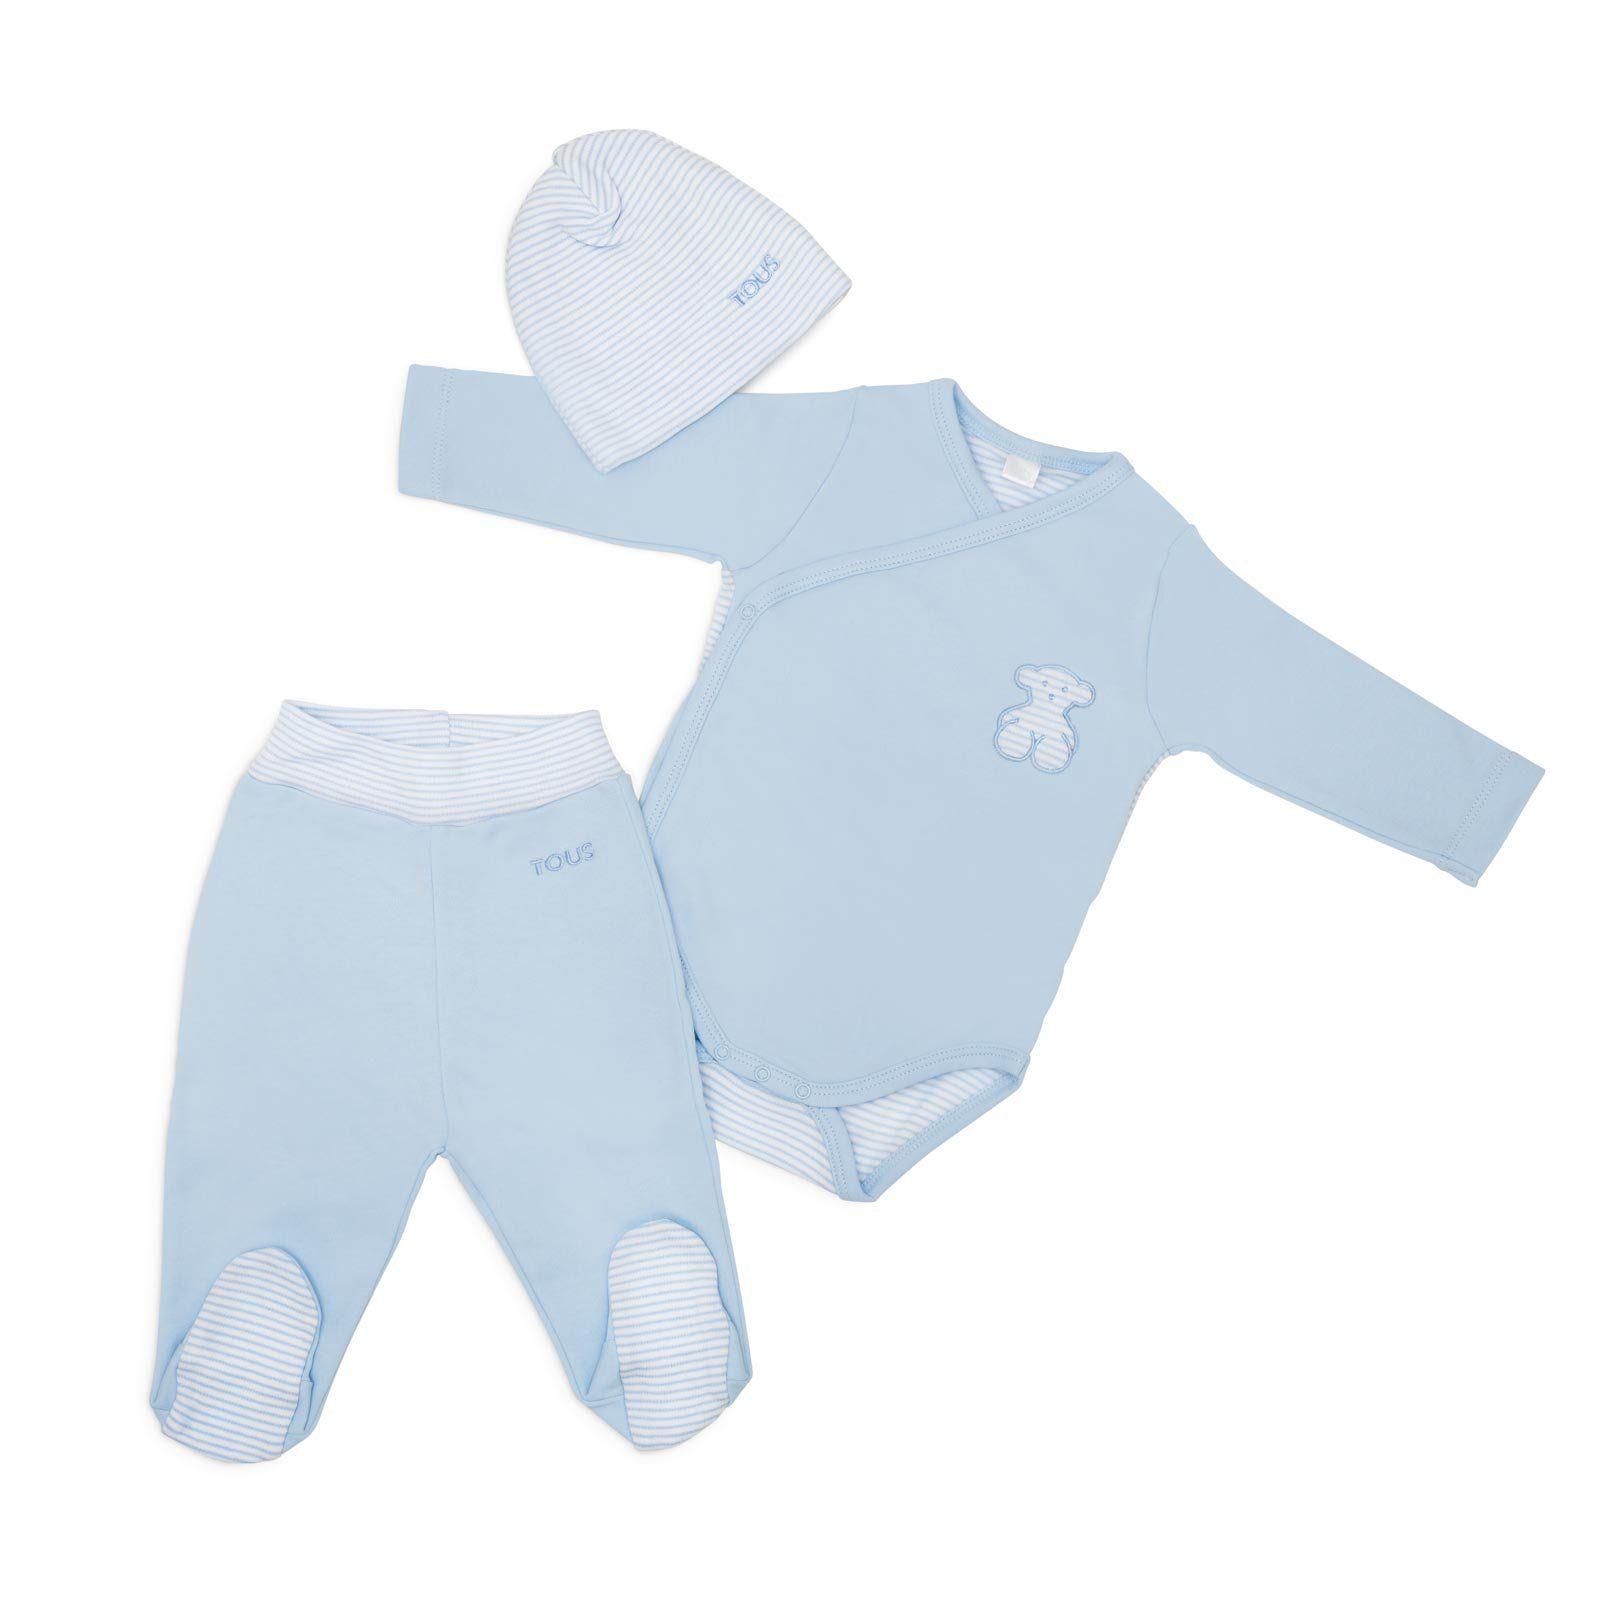 Regalos Para Bebes Recien Nacidos Tous.Set Baby Tous Tous Baby Regalos Para Bebe Y Ropa Bebe